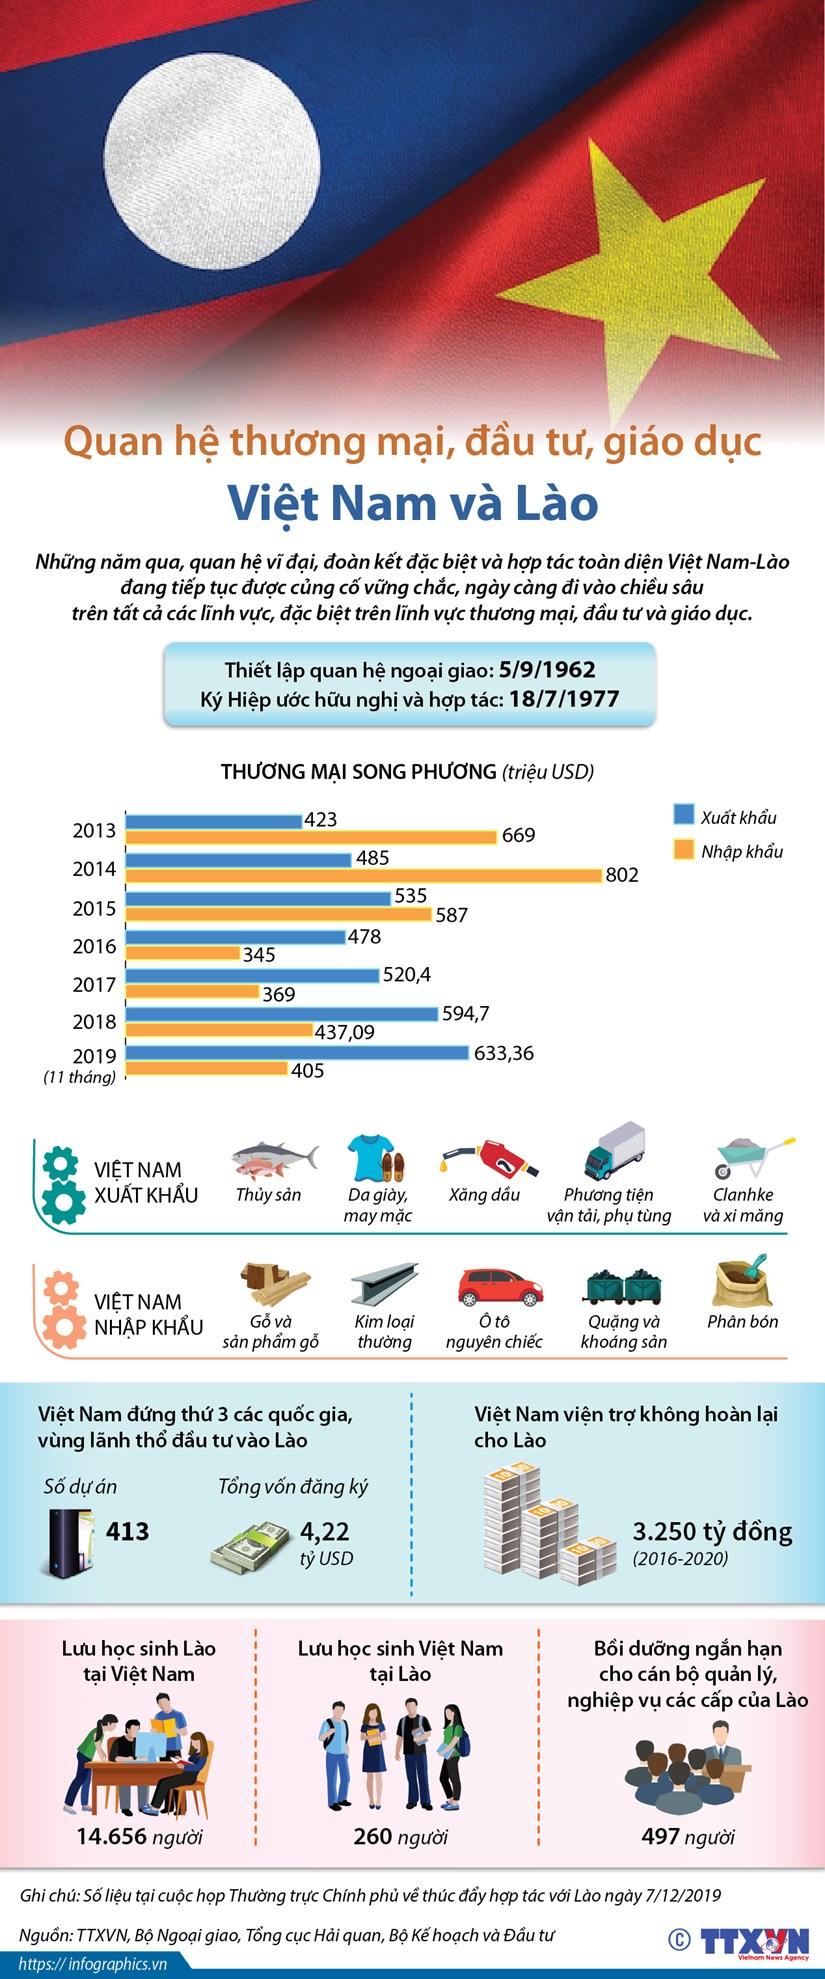 [Infographics] Quan he thuong mai, dau tu, giao duc Viet Nam-Lao hinh anh 1